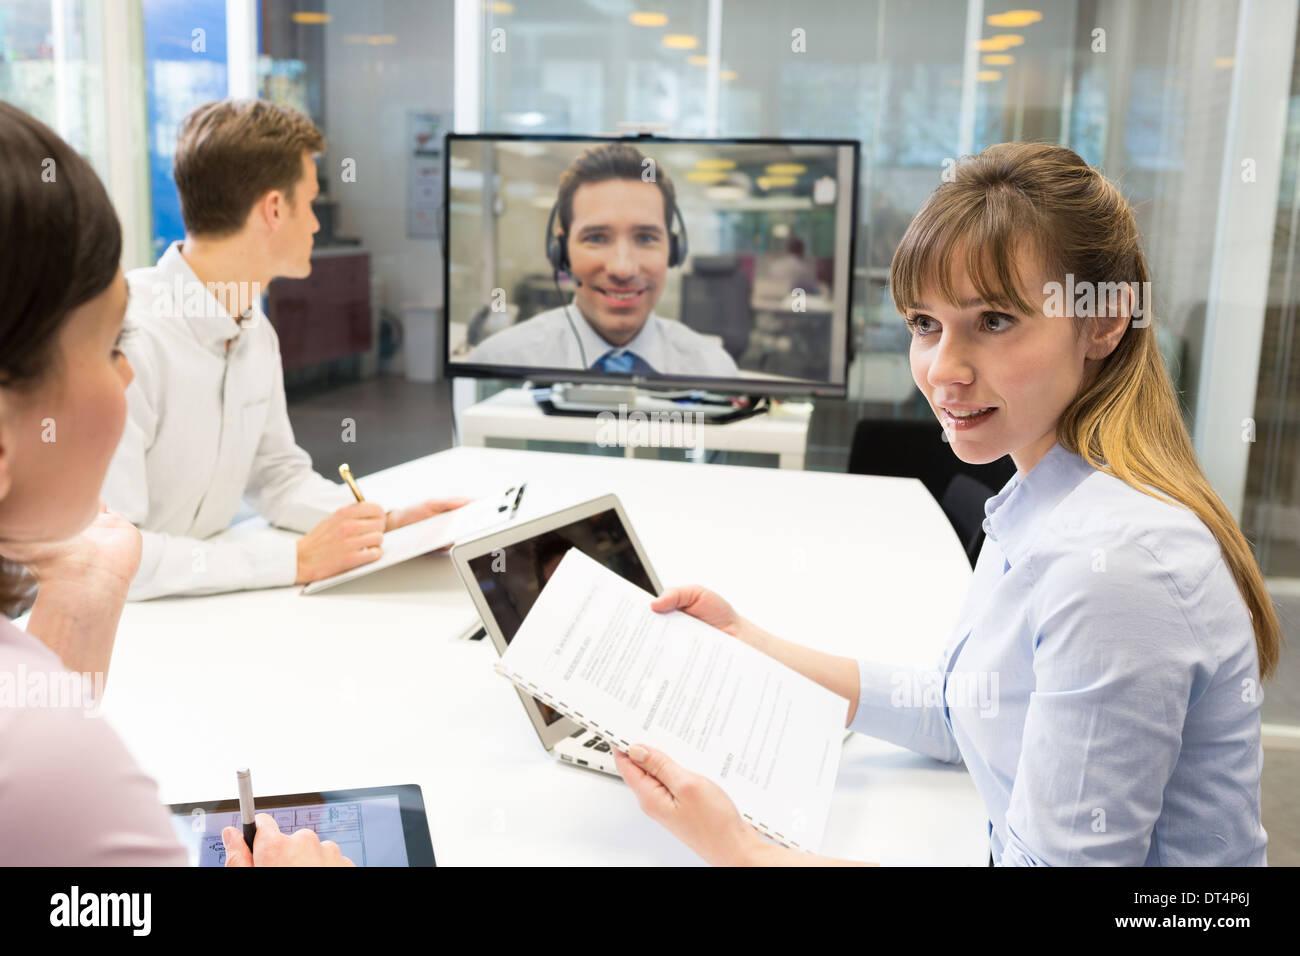 Imprenditrice imprenditore desk colleghi di chat Immagini Stock